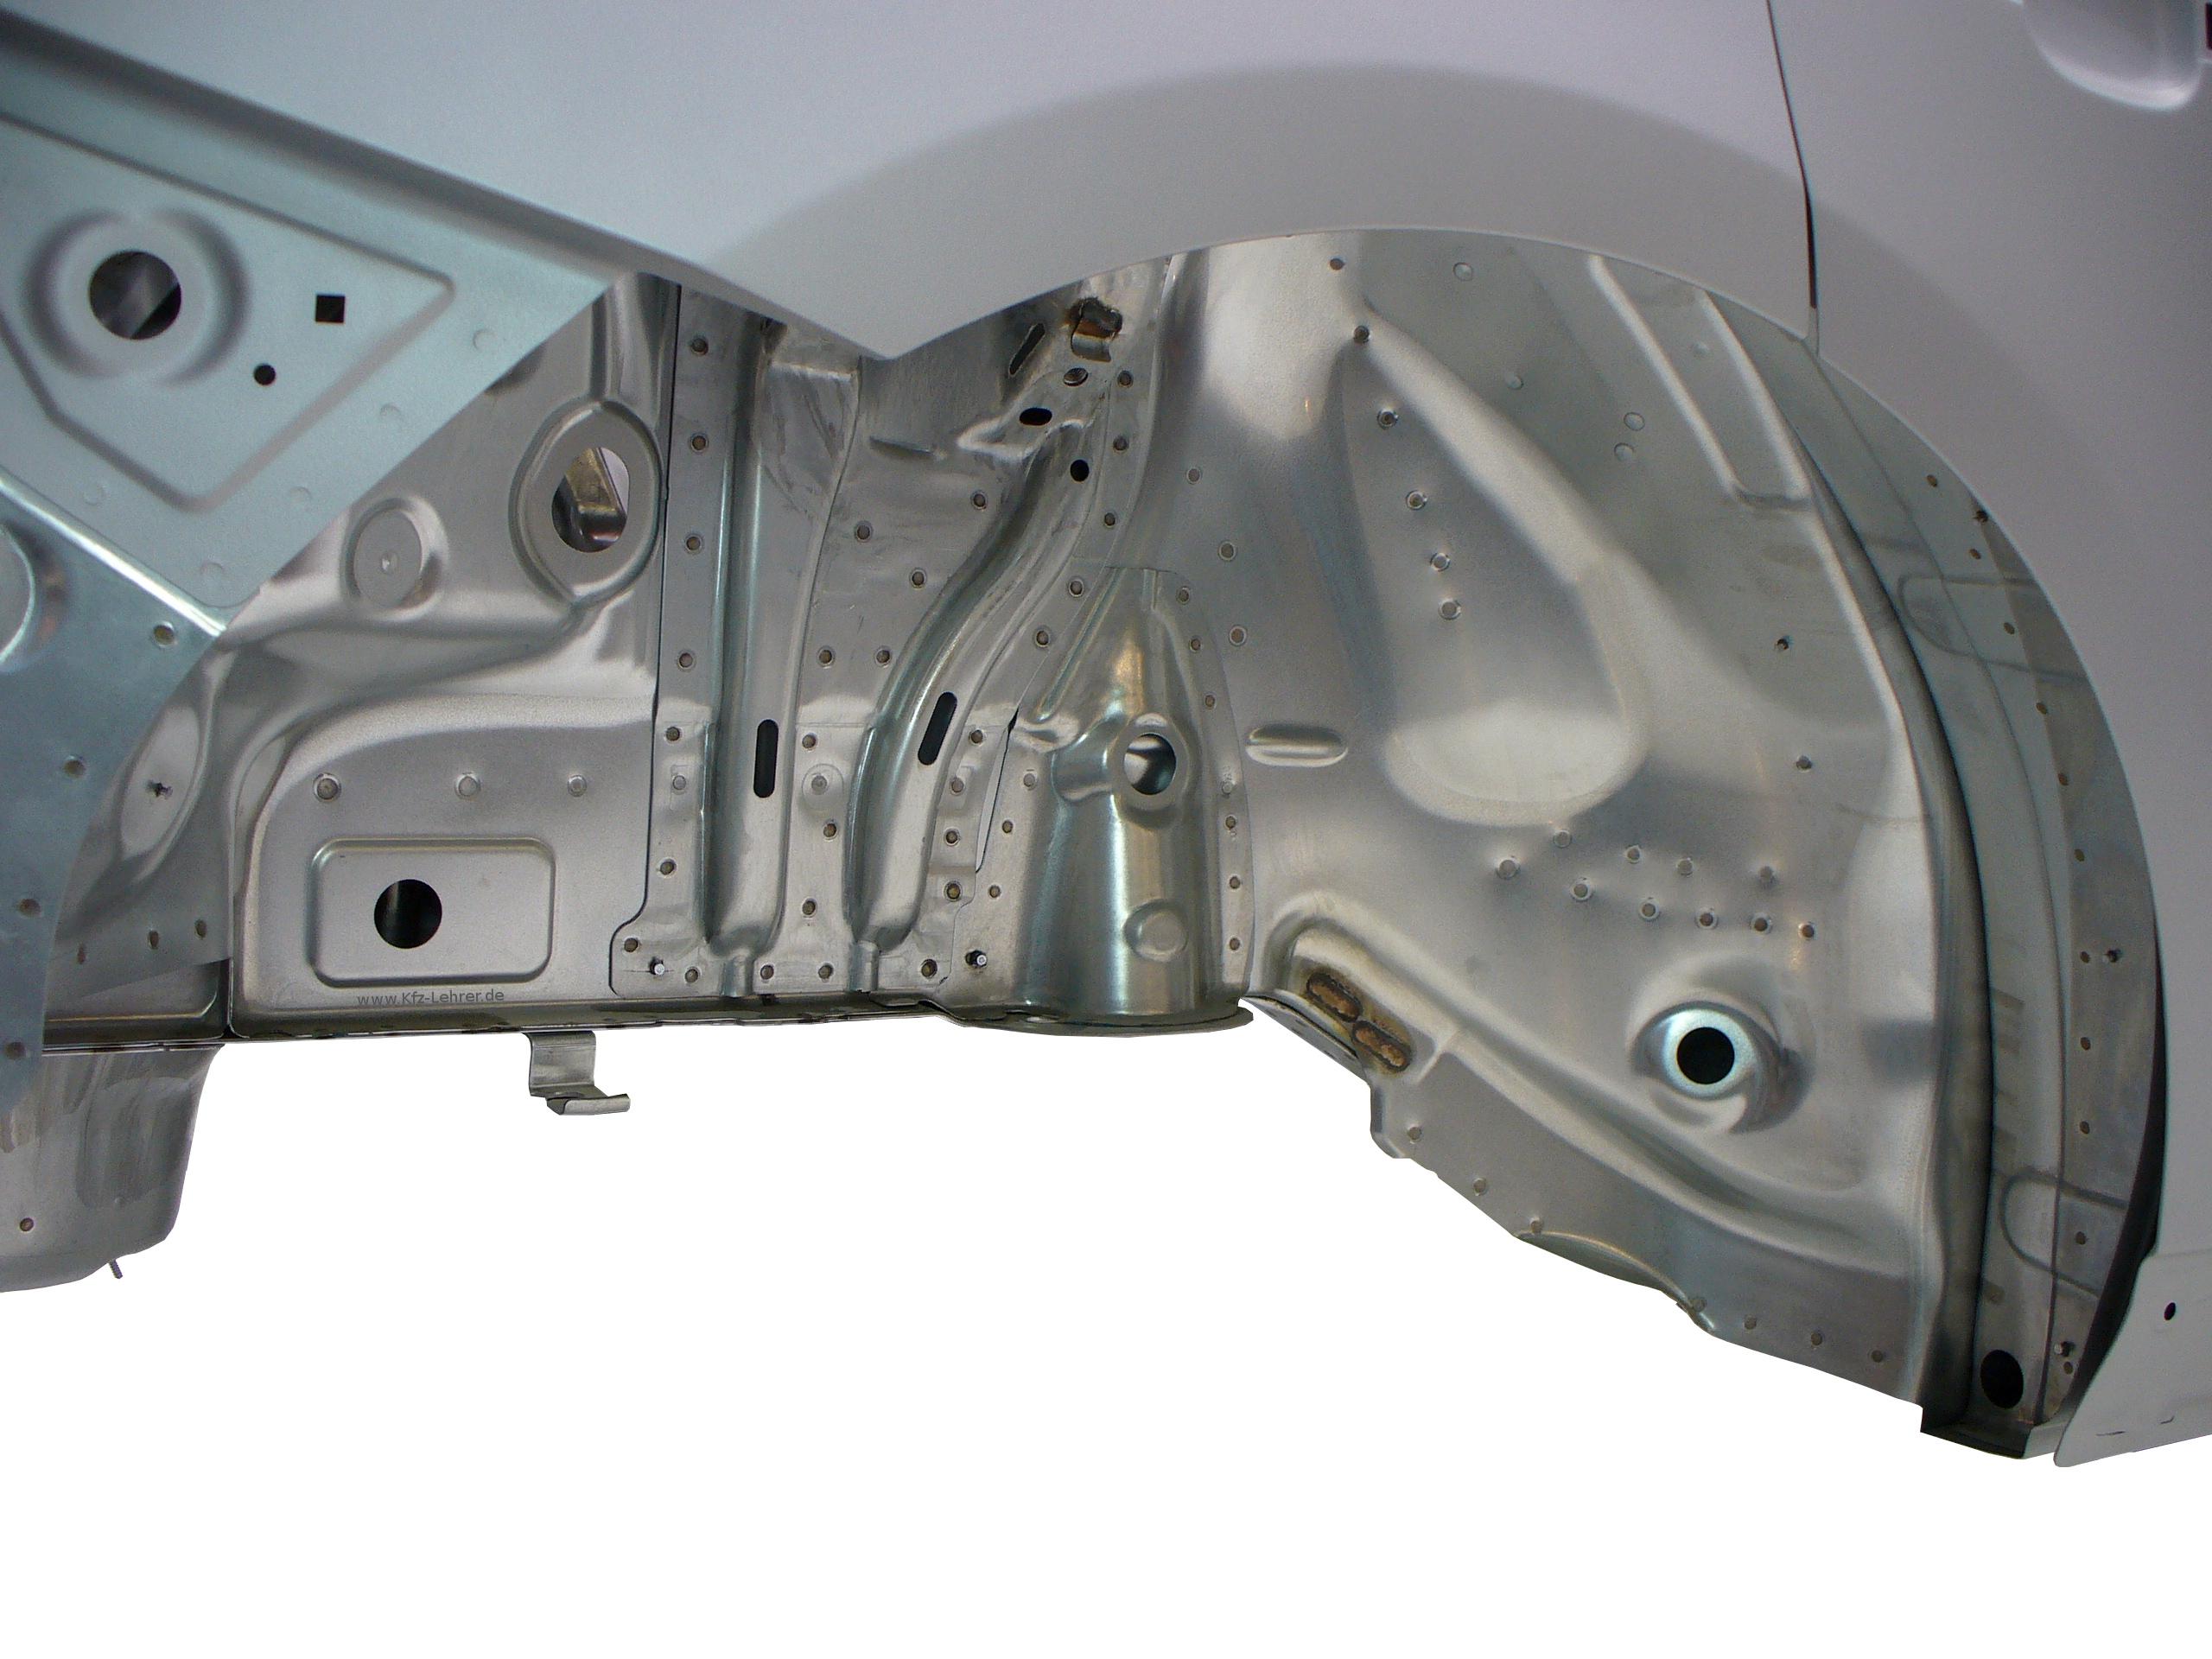 Blick in das Radhaus der Rohkarosserie des Audi Q5